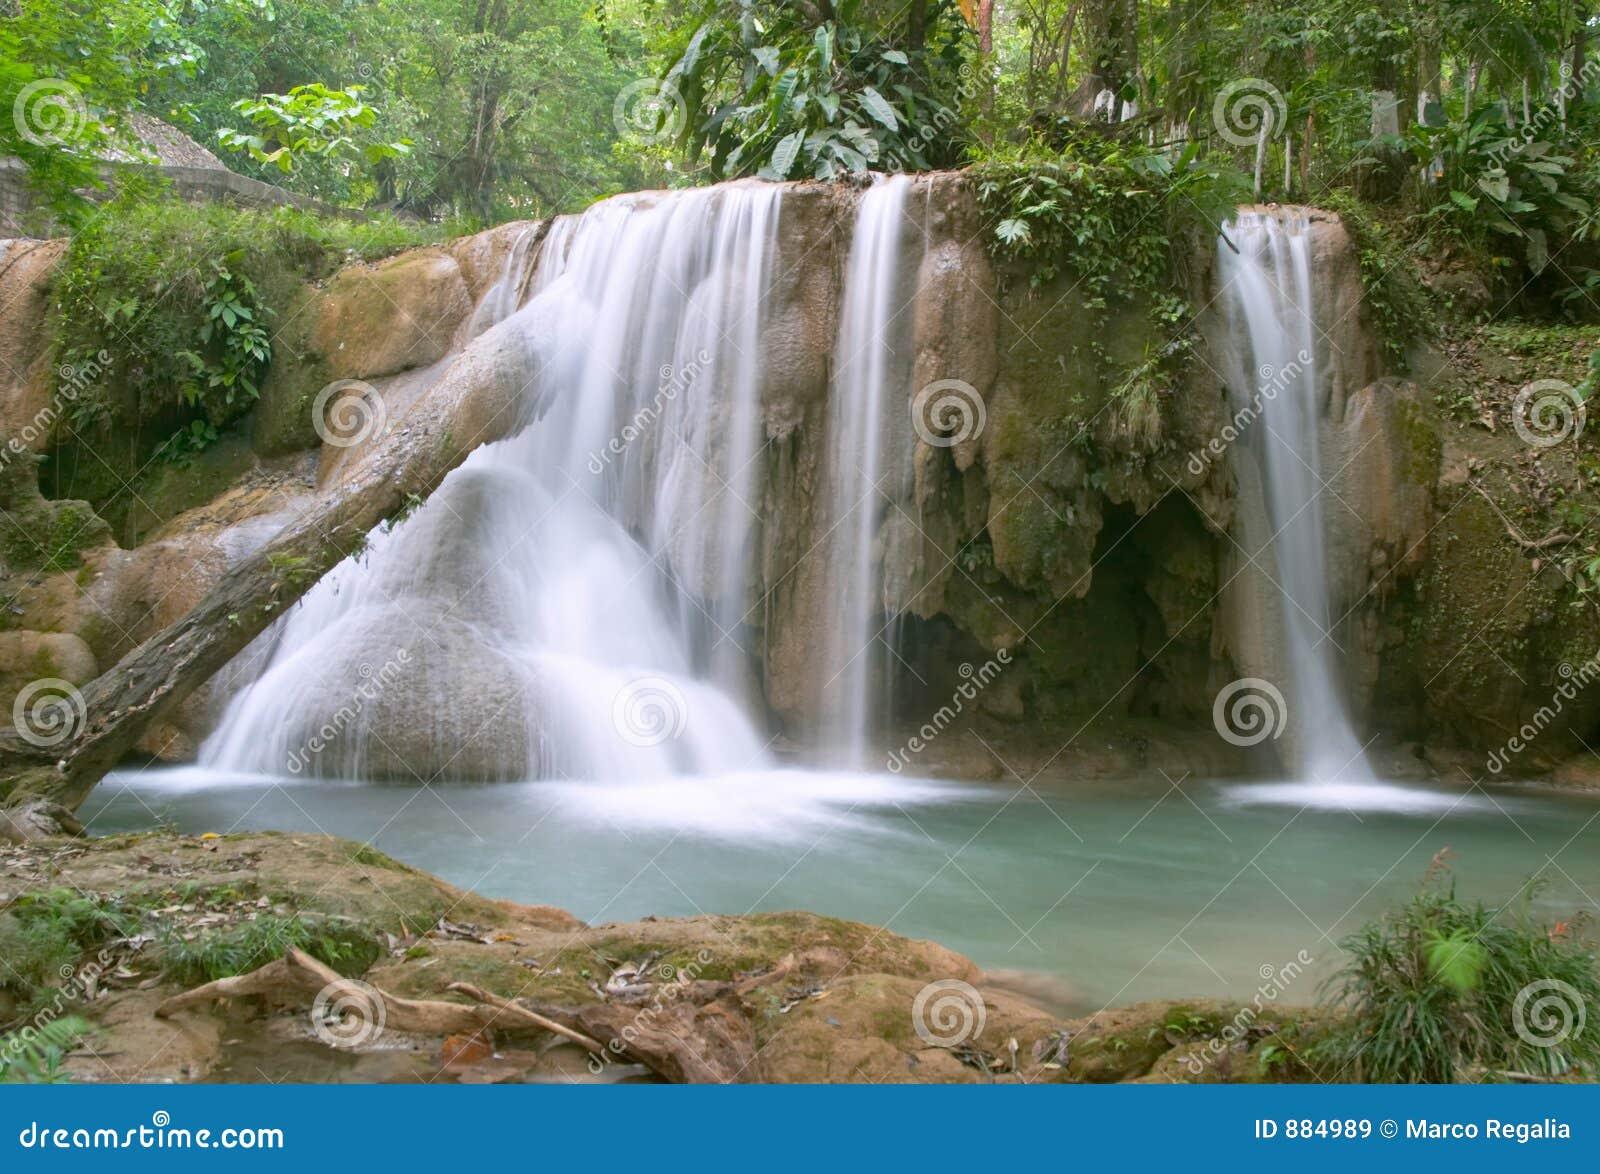 Agua azul cascadas de водопад